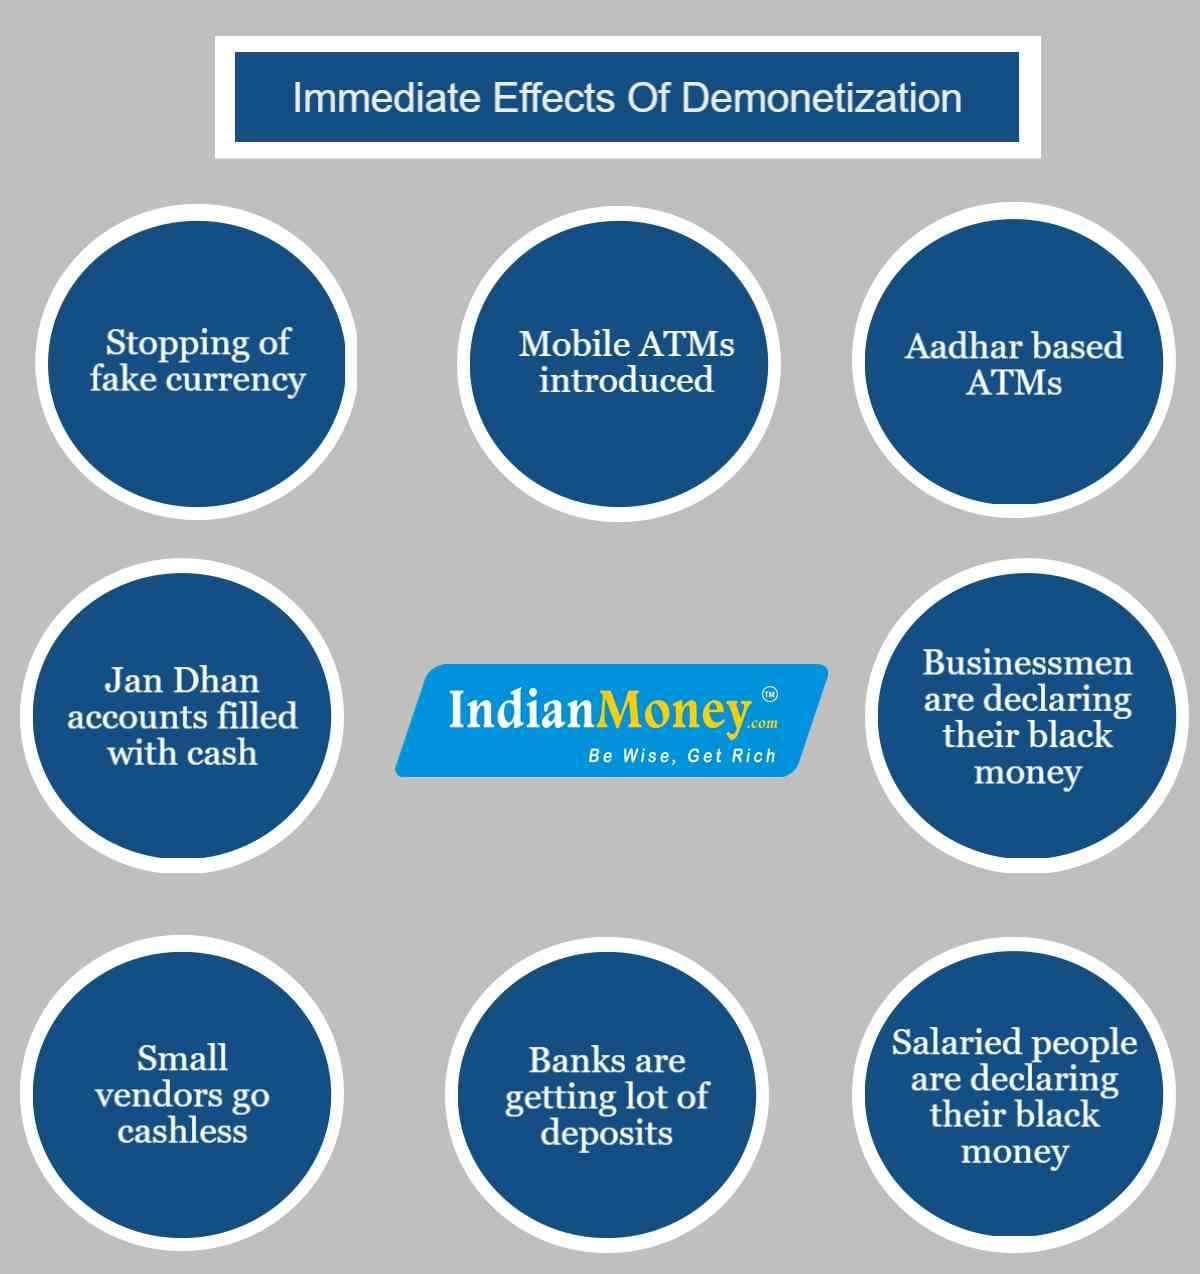 Immediate Effects Of Demonetization